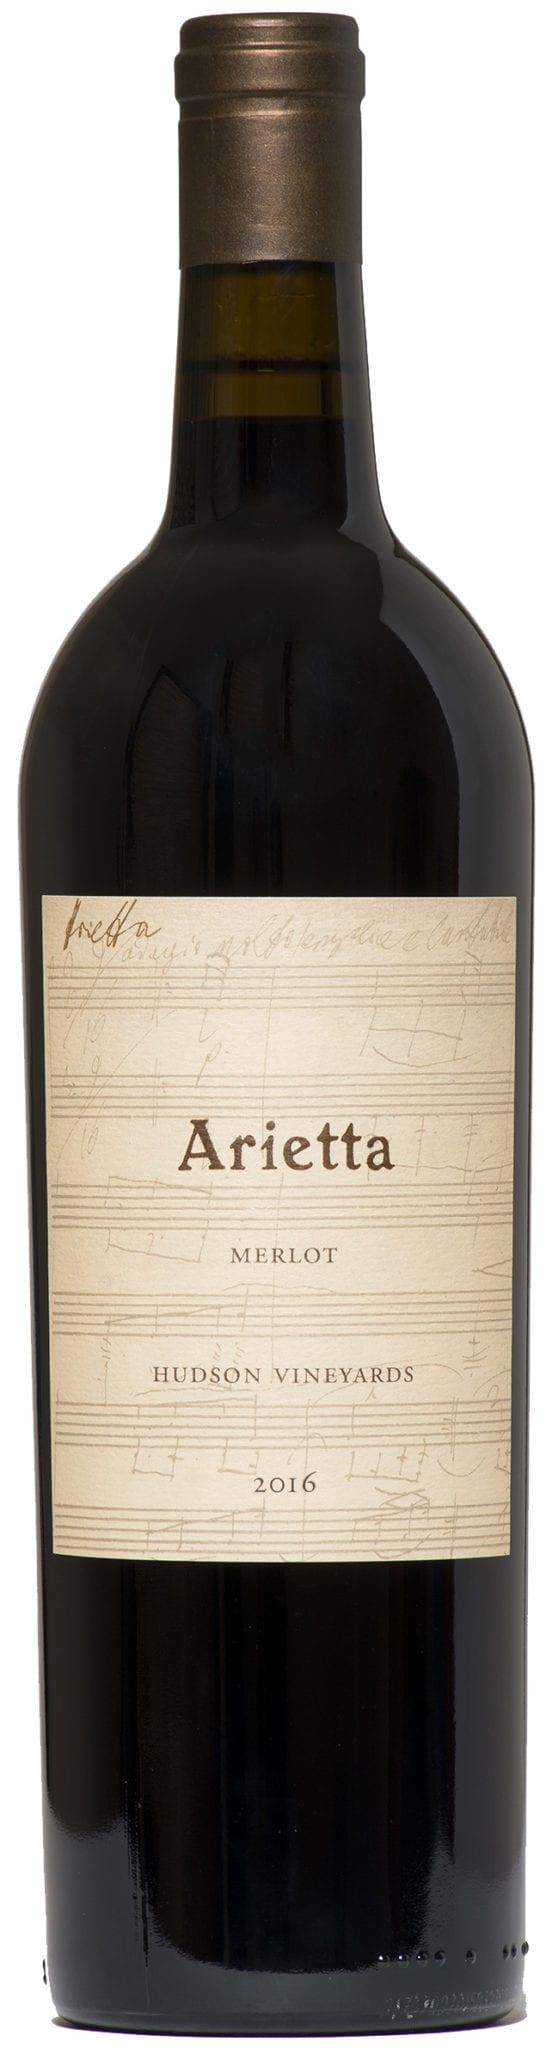 2016 Arietta Merlot